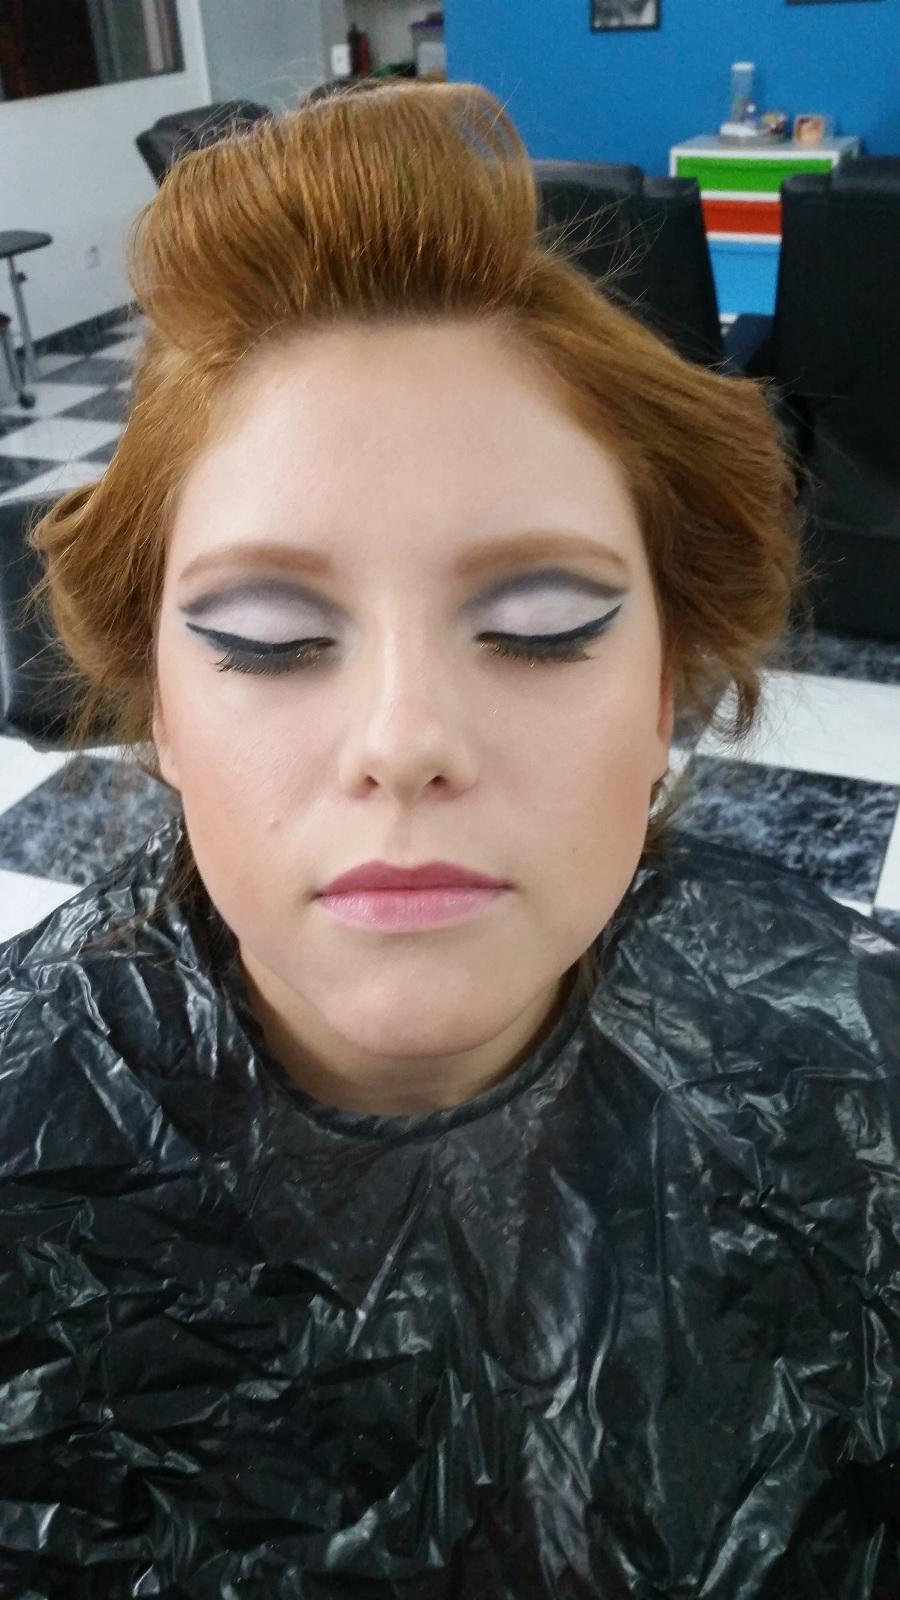 Maquiagem para formatura - Make  cut crease Veja mais no meu Blog Vaidosas de Batom:  www.vaidosasdebatom.com maquiagem maquiador(a) docente / professor(a)